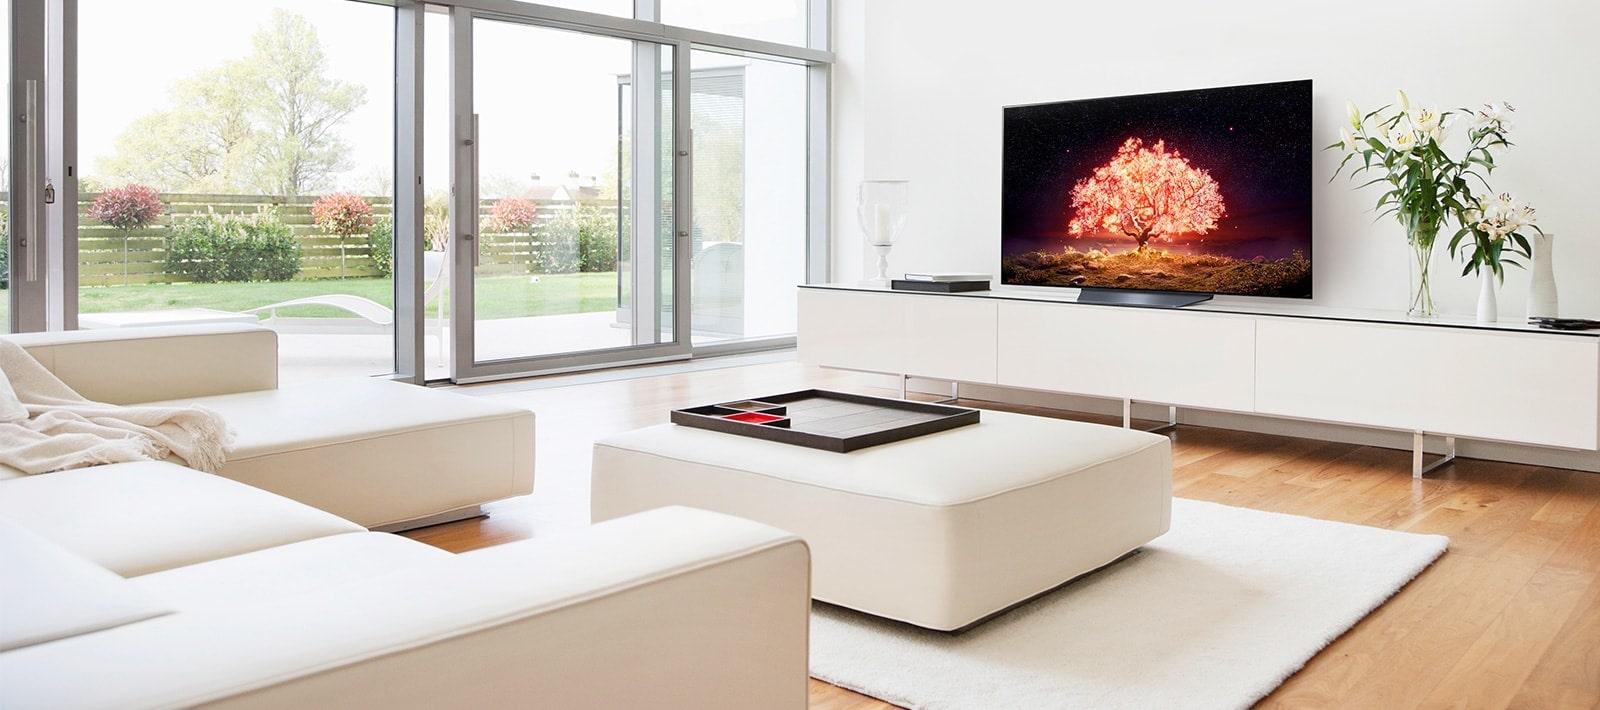 Telewizor przedstawiający drzewo emitujące czerwone światło w białym i prosto urządzonym wnętrzu domu.